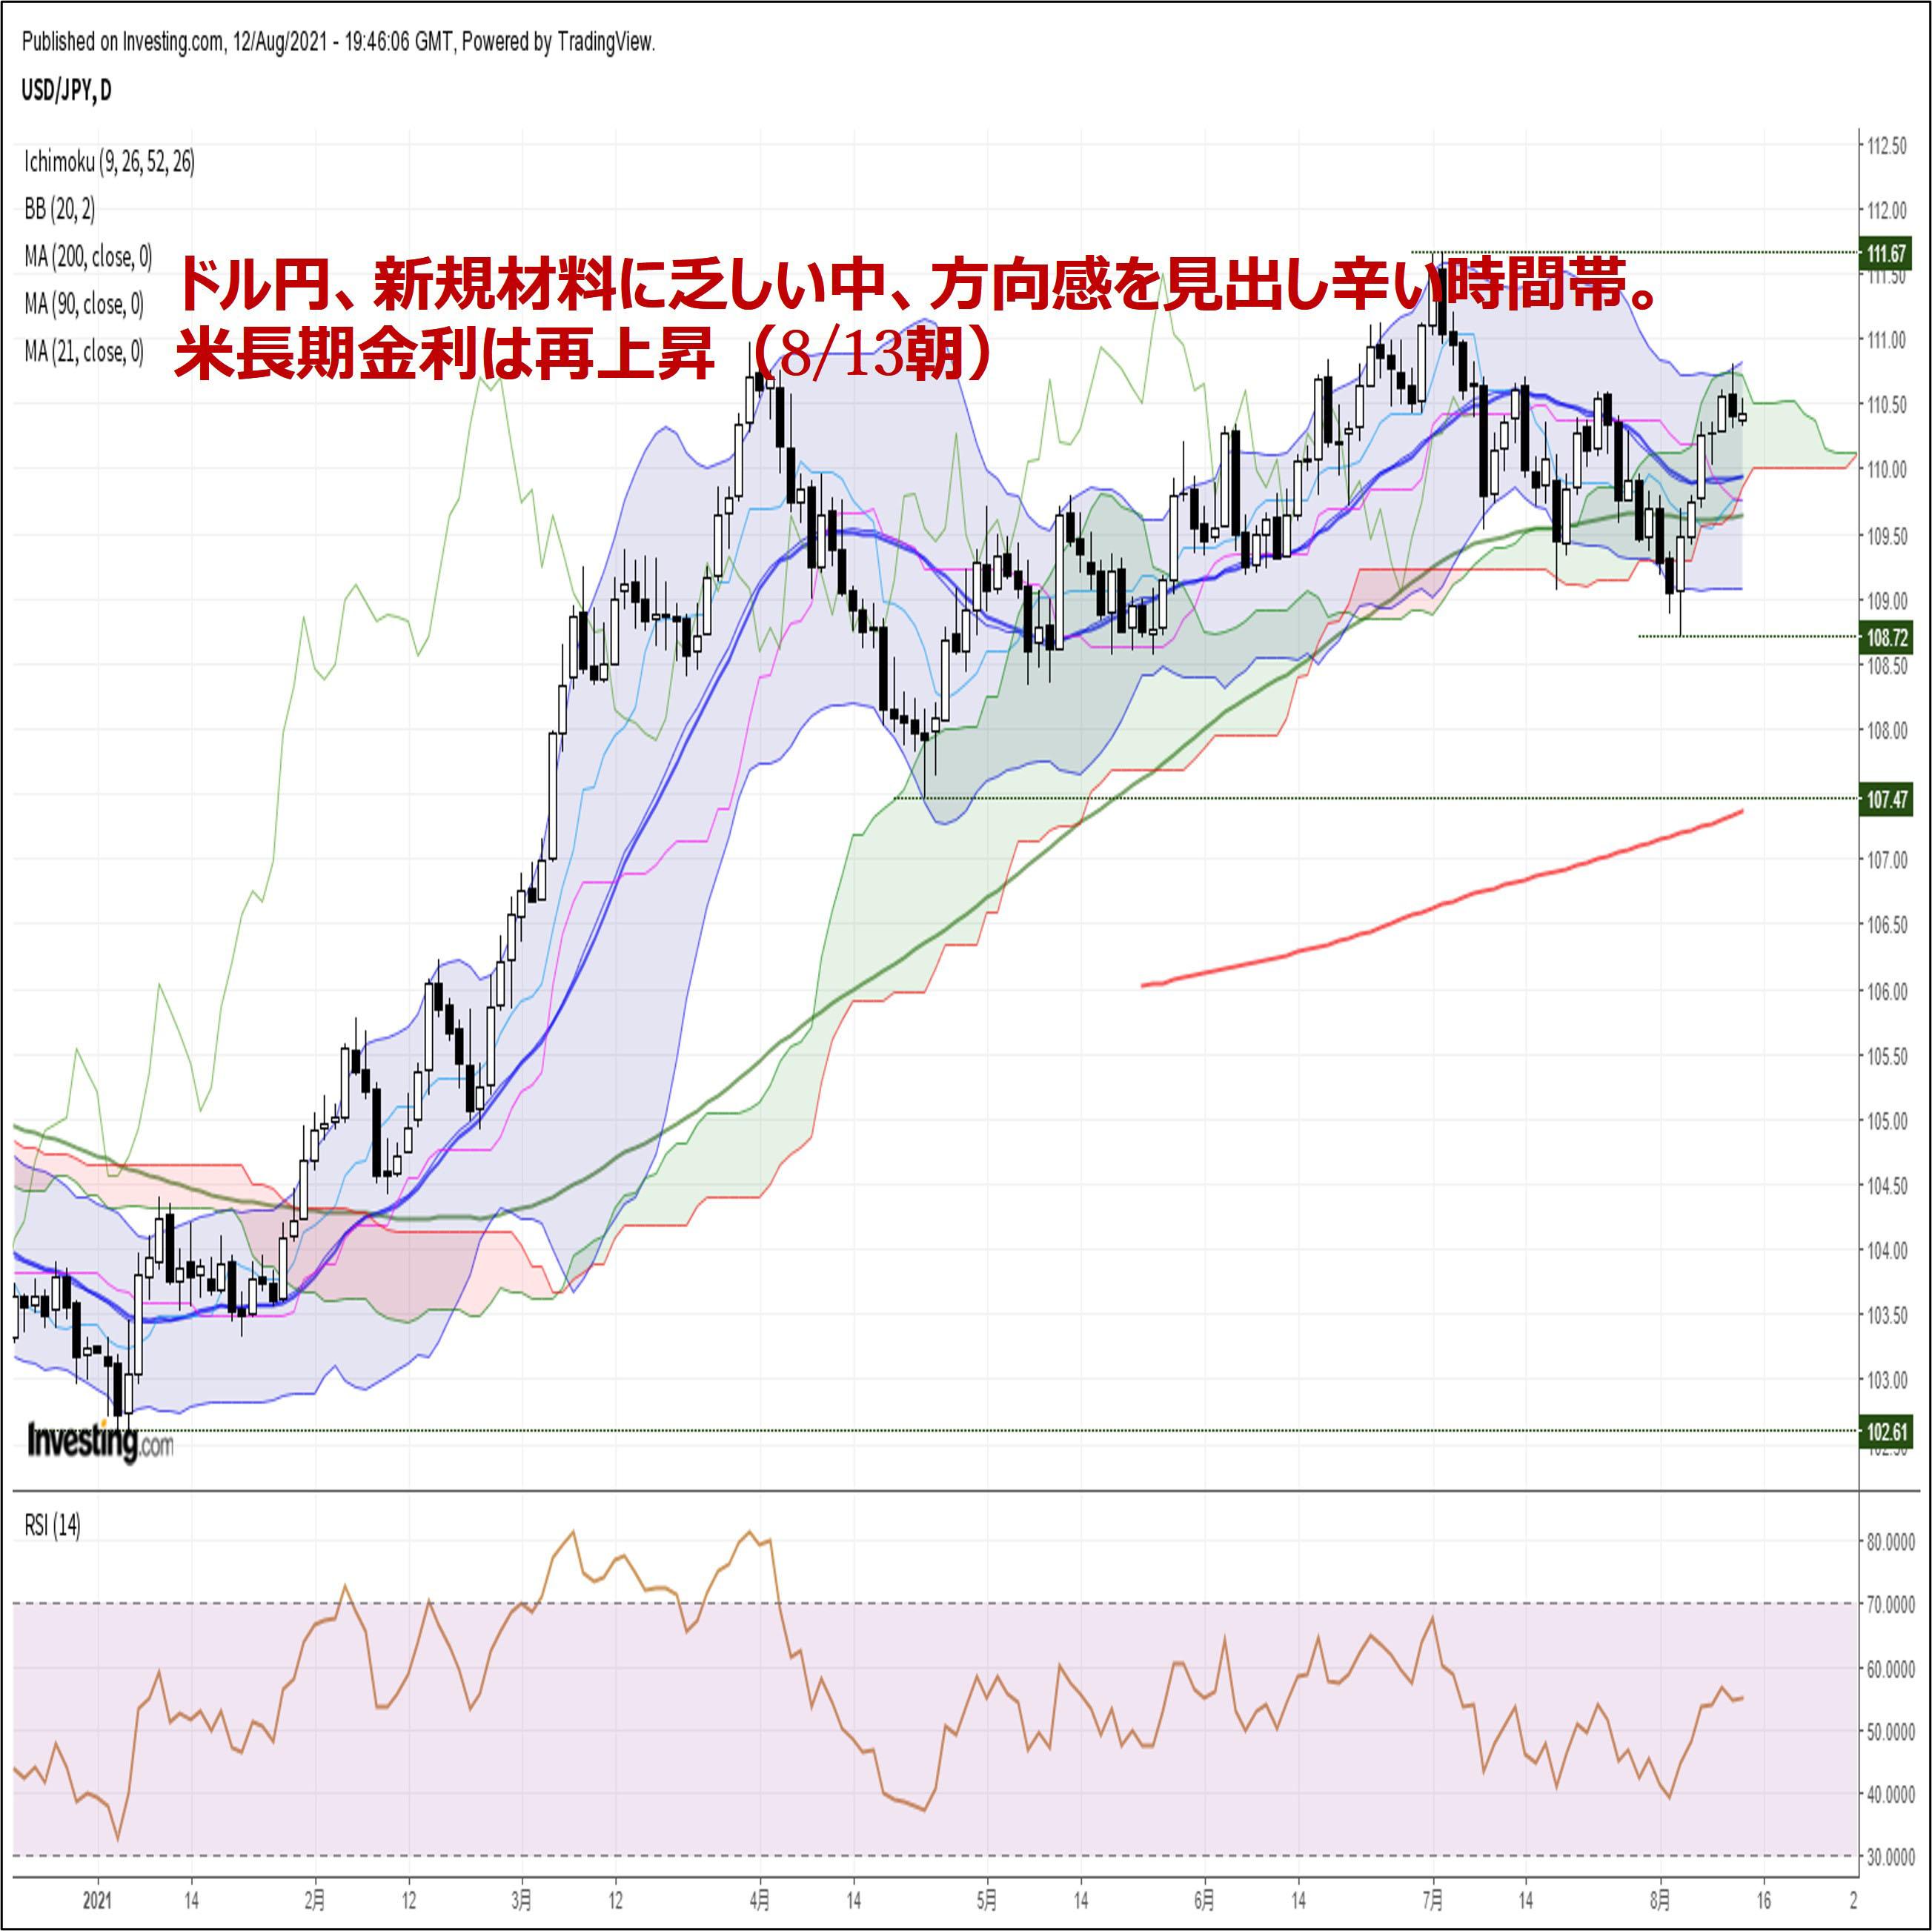 ドル円、新規材料に乏しい中、方向感を見出し辛い時間帯。米長期金利は再上昇